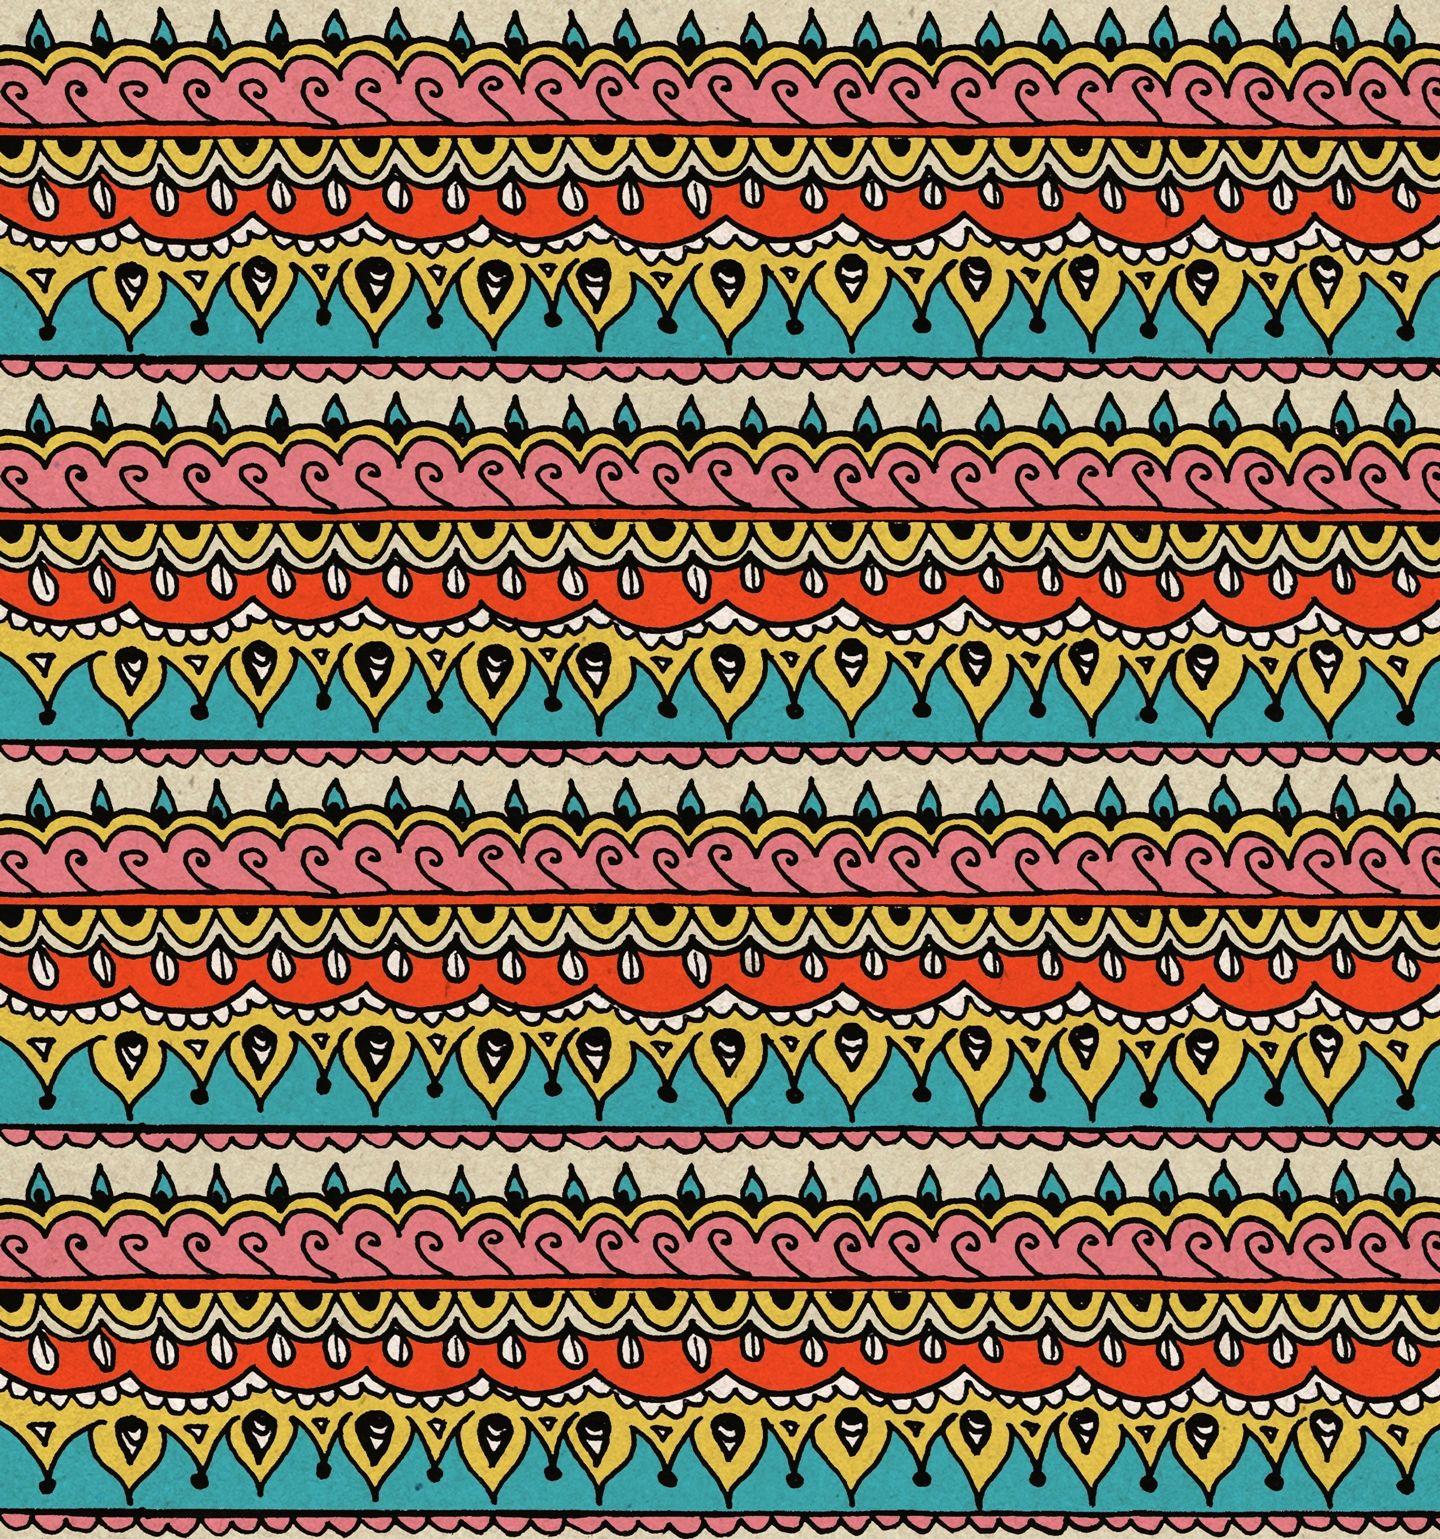 Boho Patterns Boho Pattern Eye Candy Iii ⚛patterns